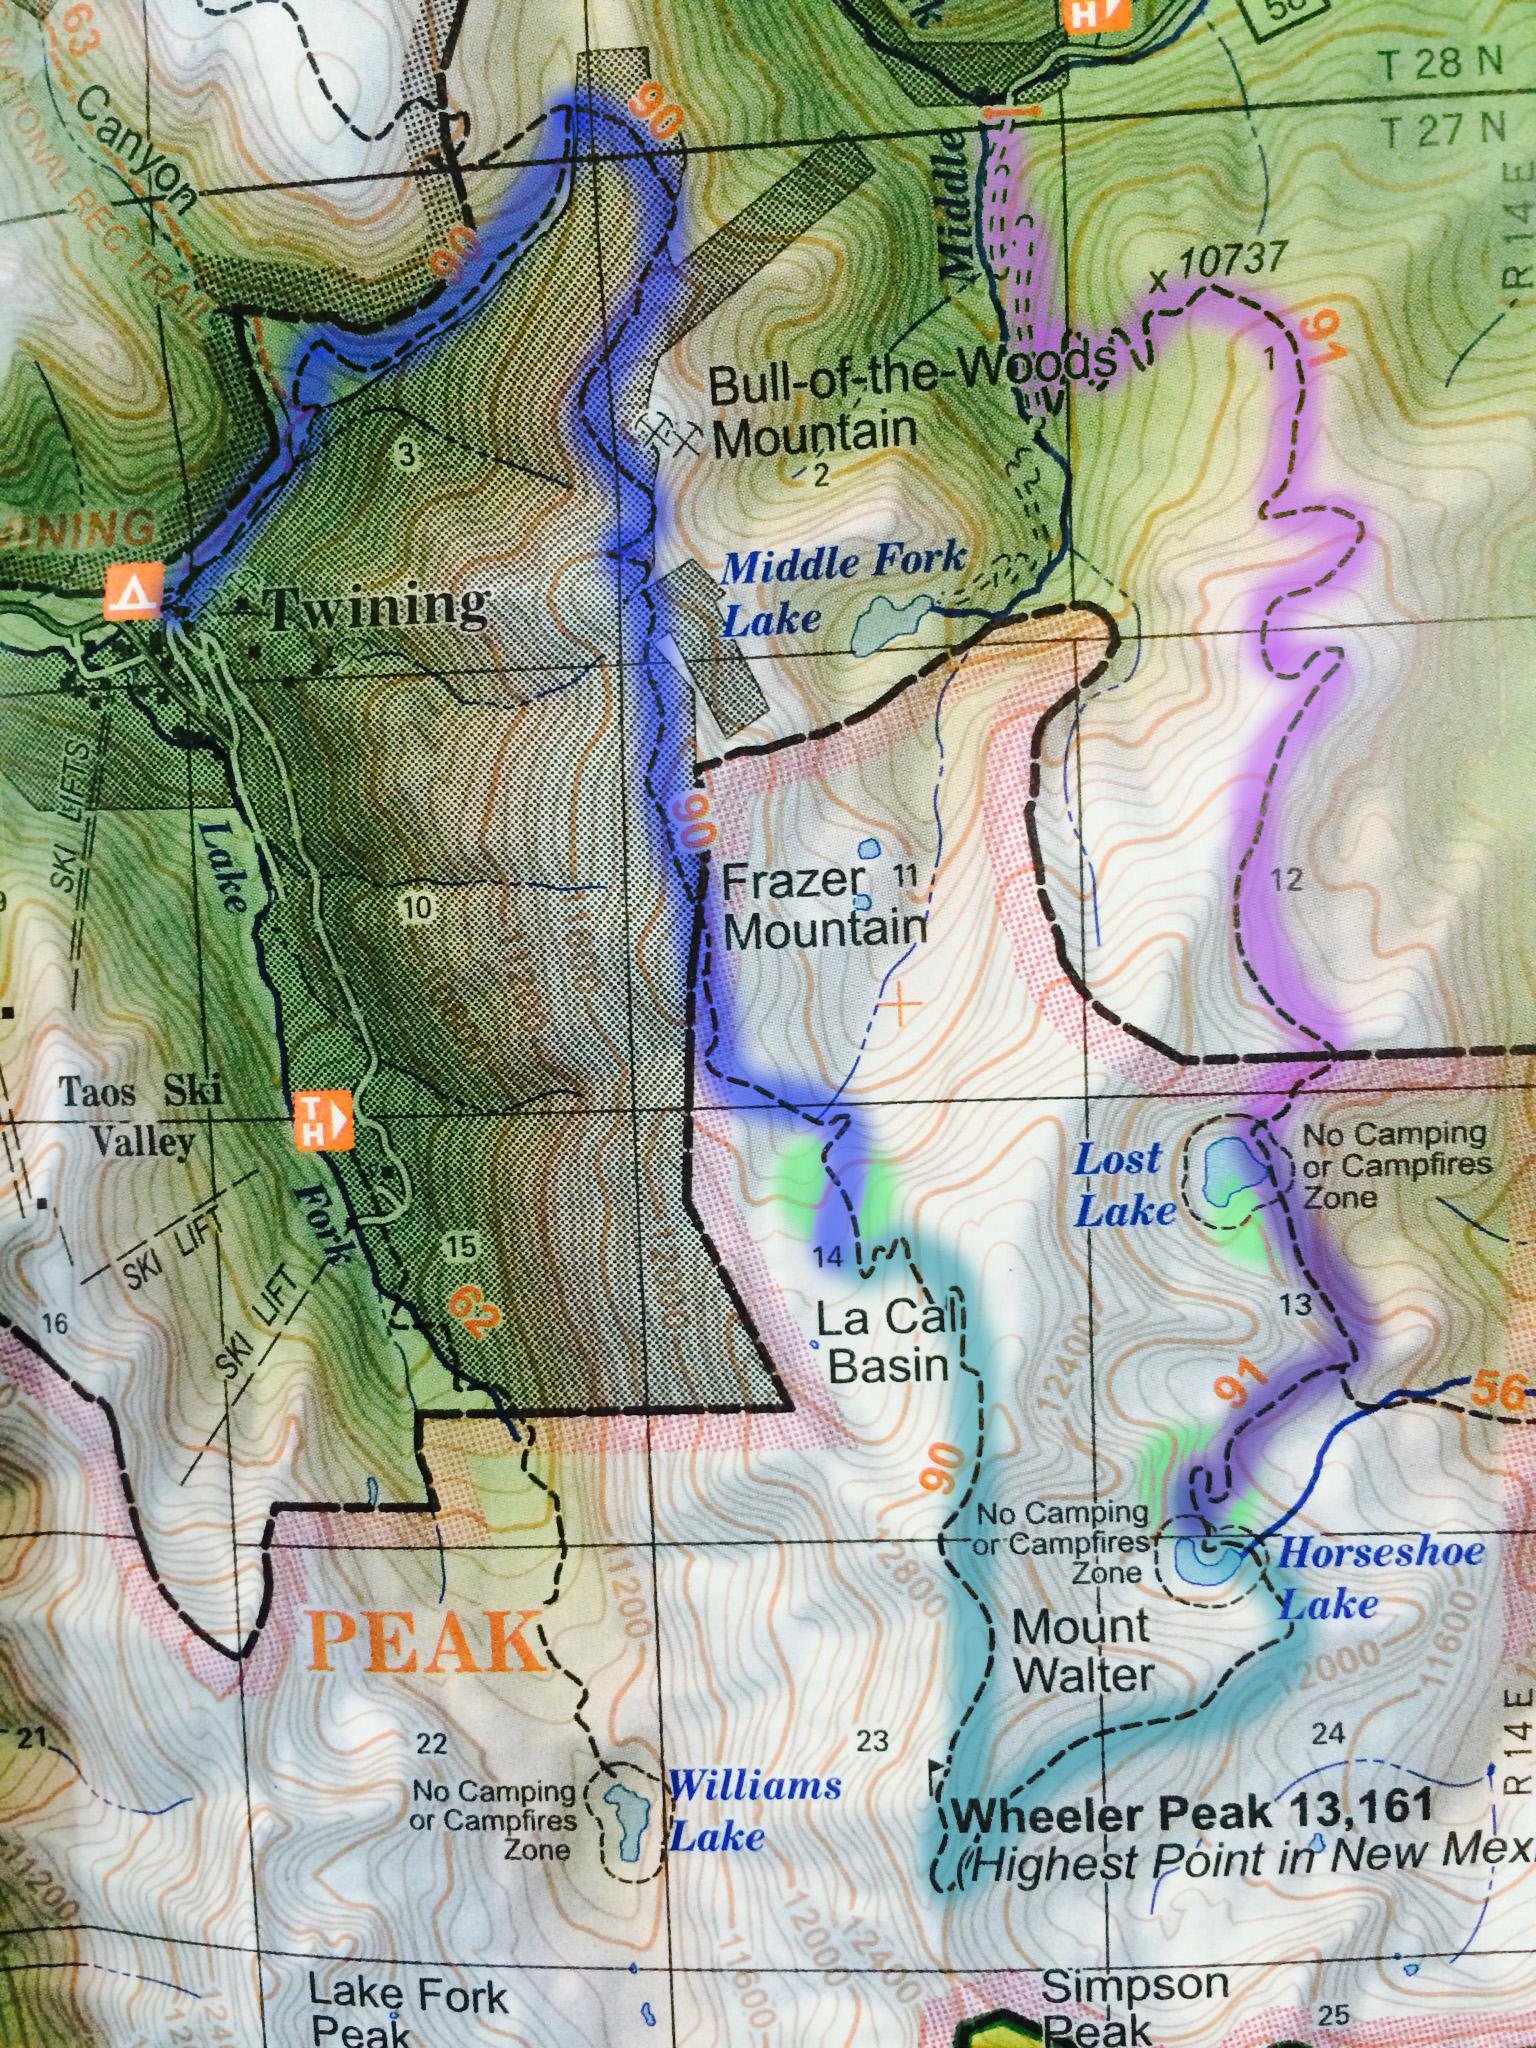 Push ourselves physically on our 30 mile trek through mountainous terrain.